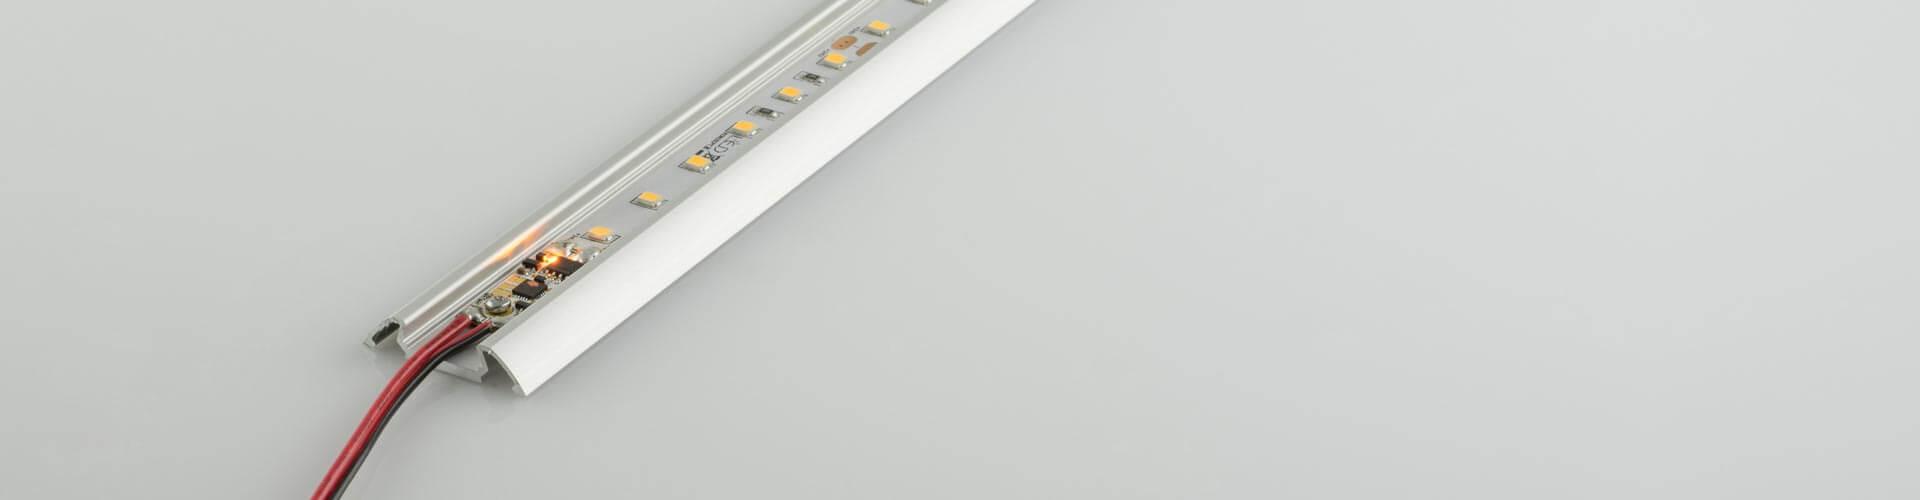 LED Beleuchtung: LED Streifen hier günstig kaufen.